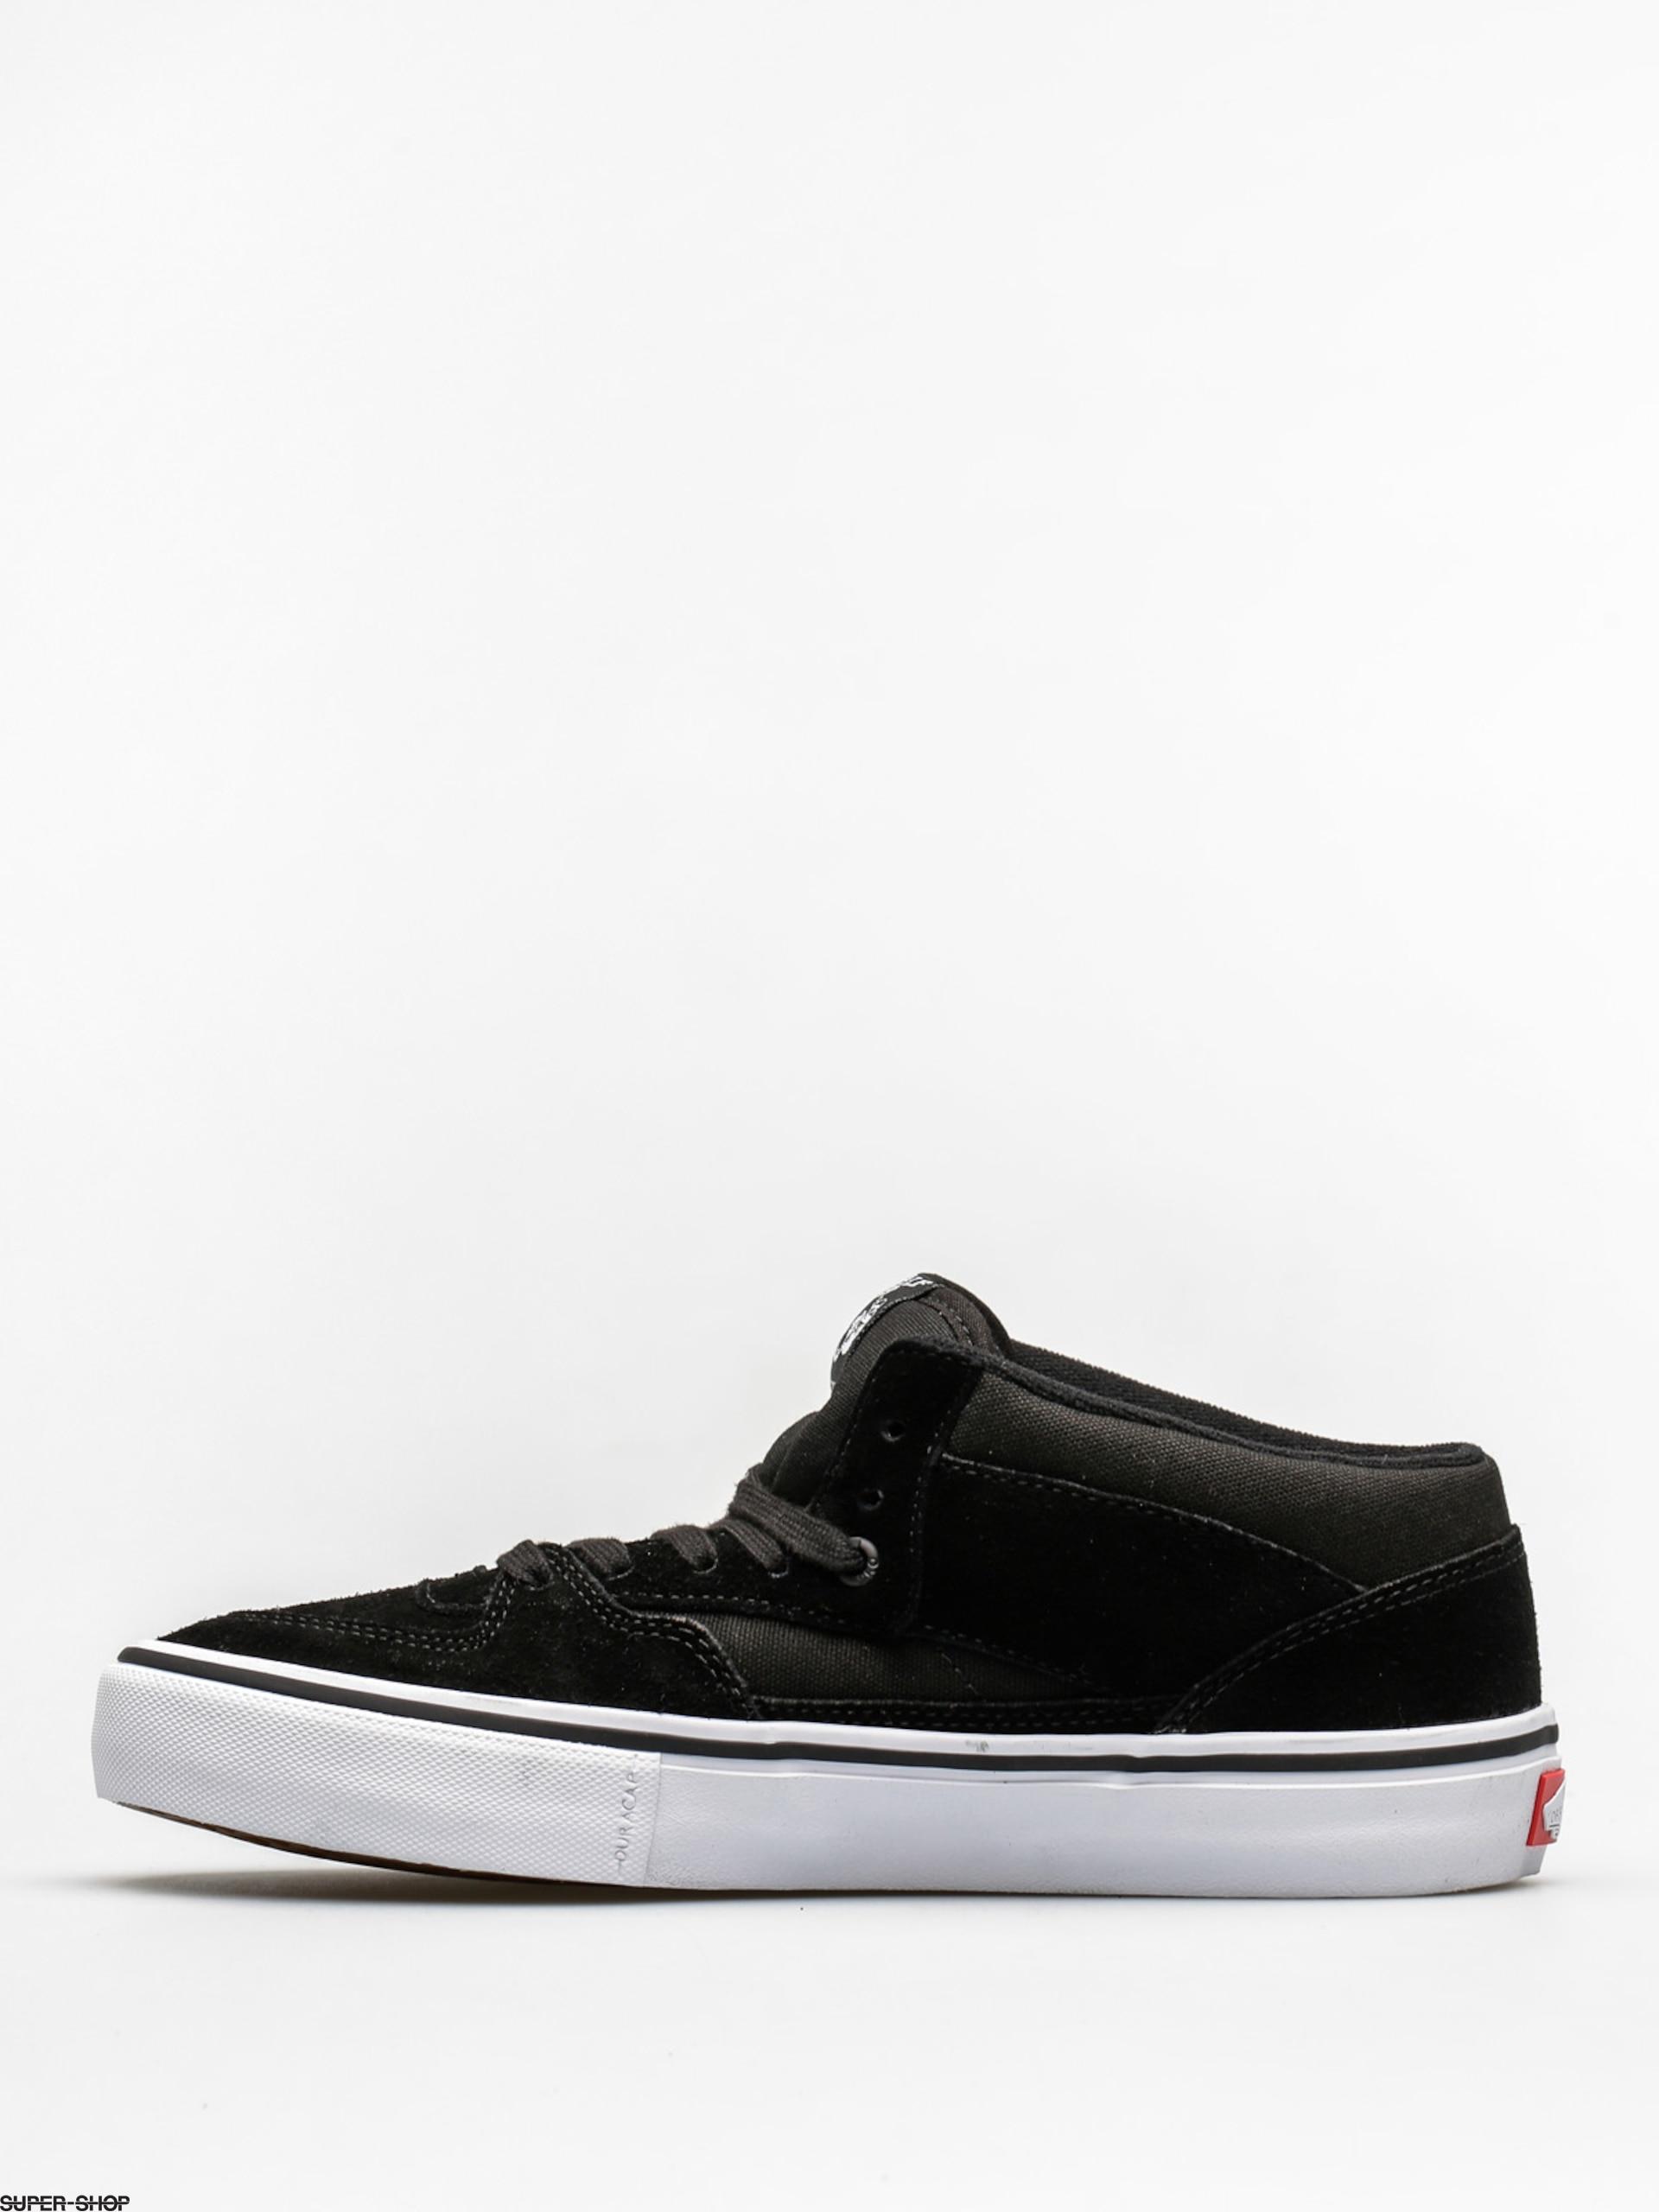 6df89c6bed Vans Shoes Half Cab Pro (black black)